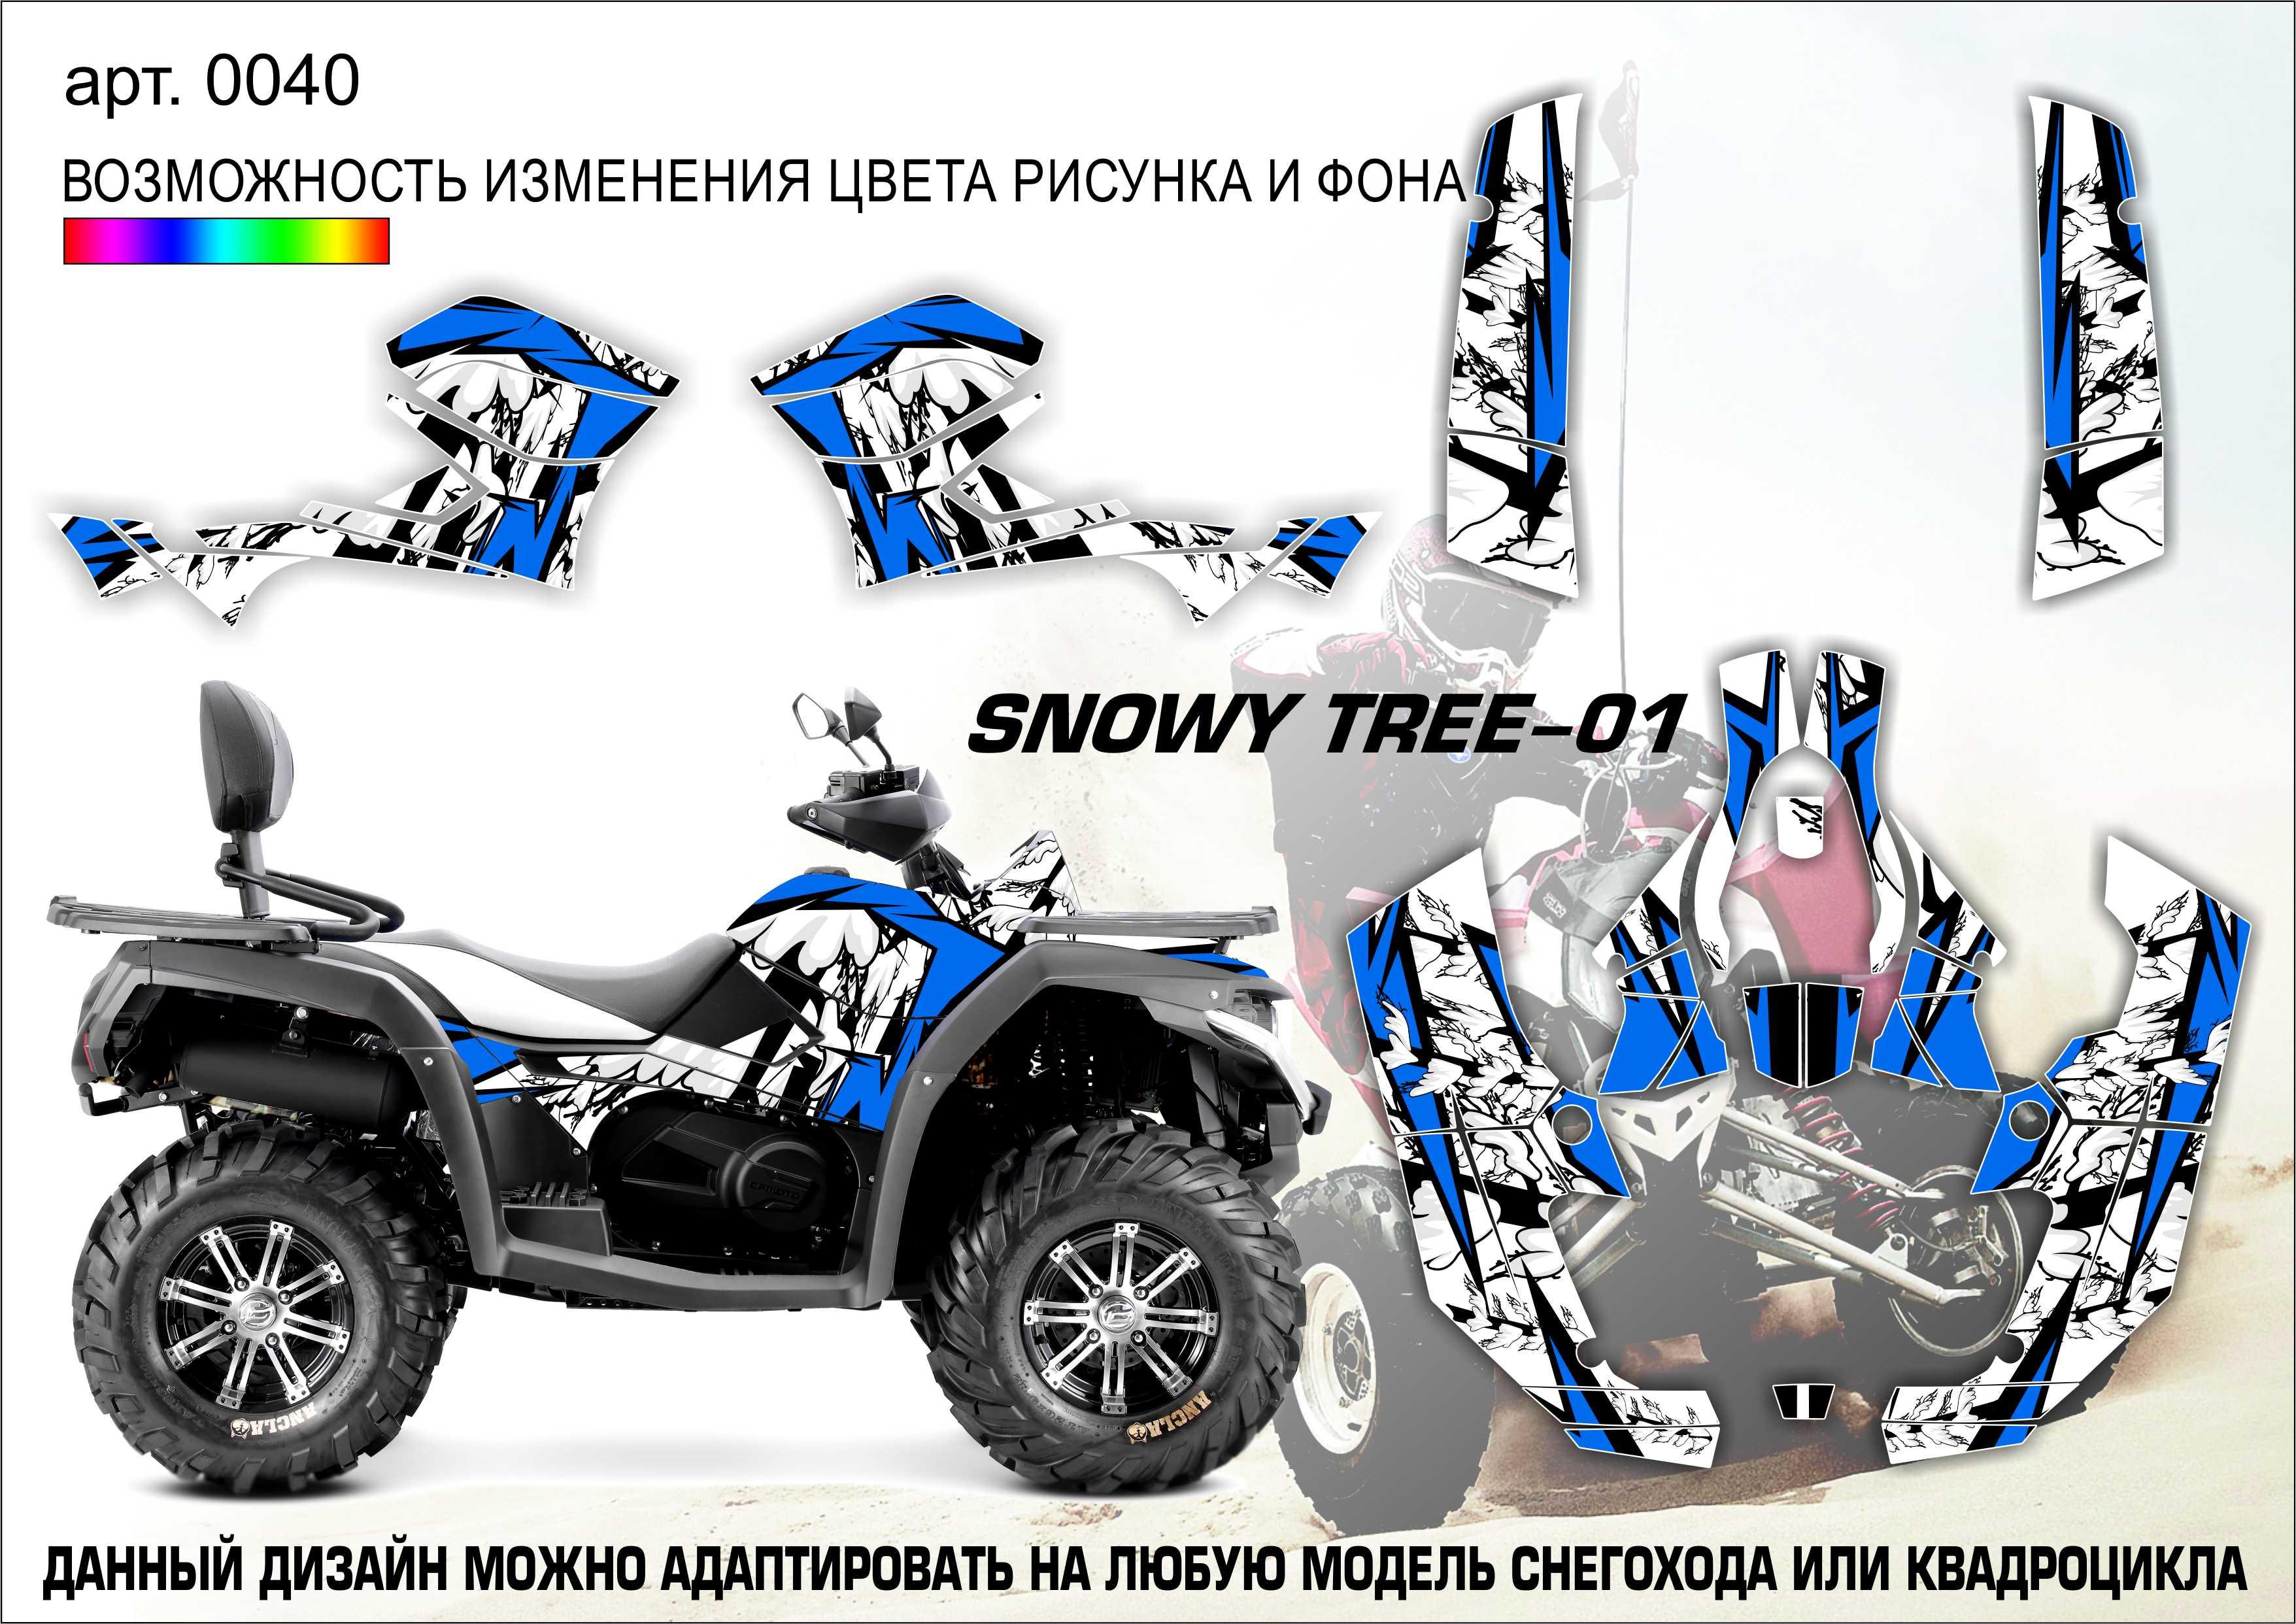 Наклейка Snowy tree-01